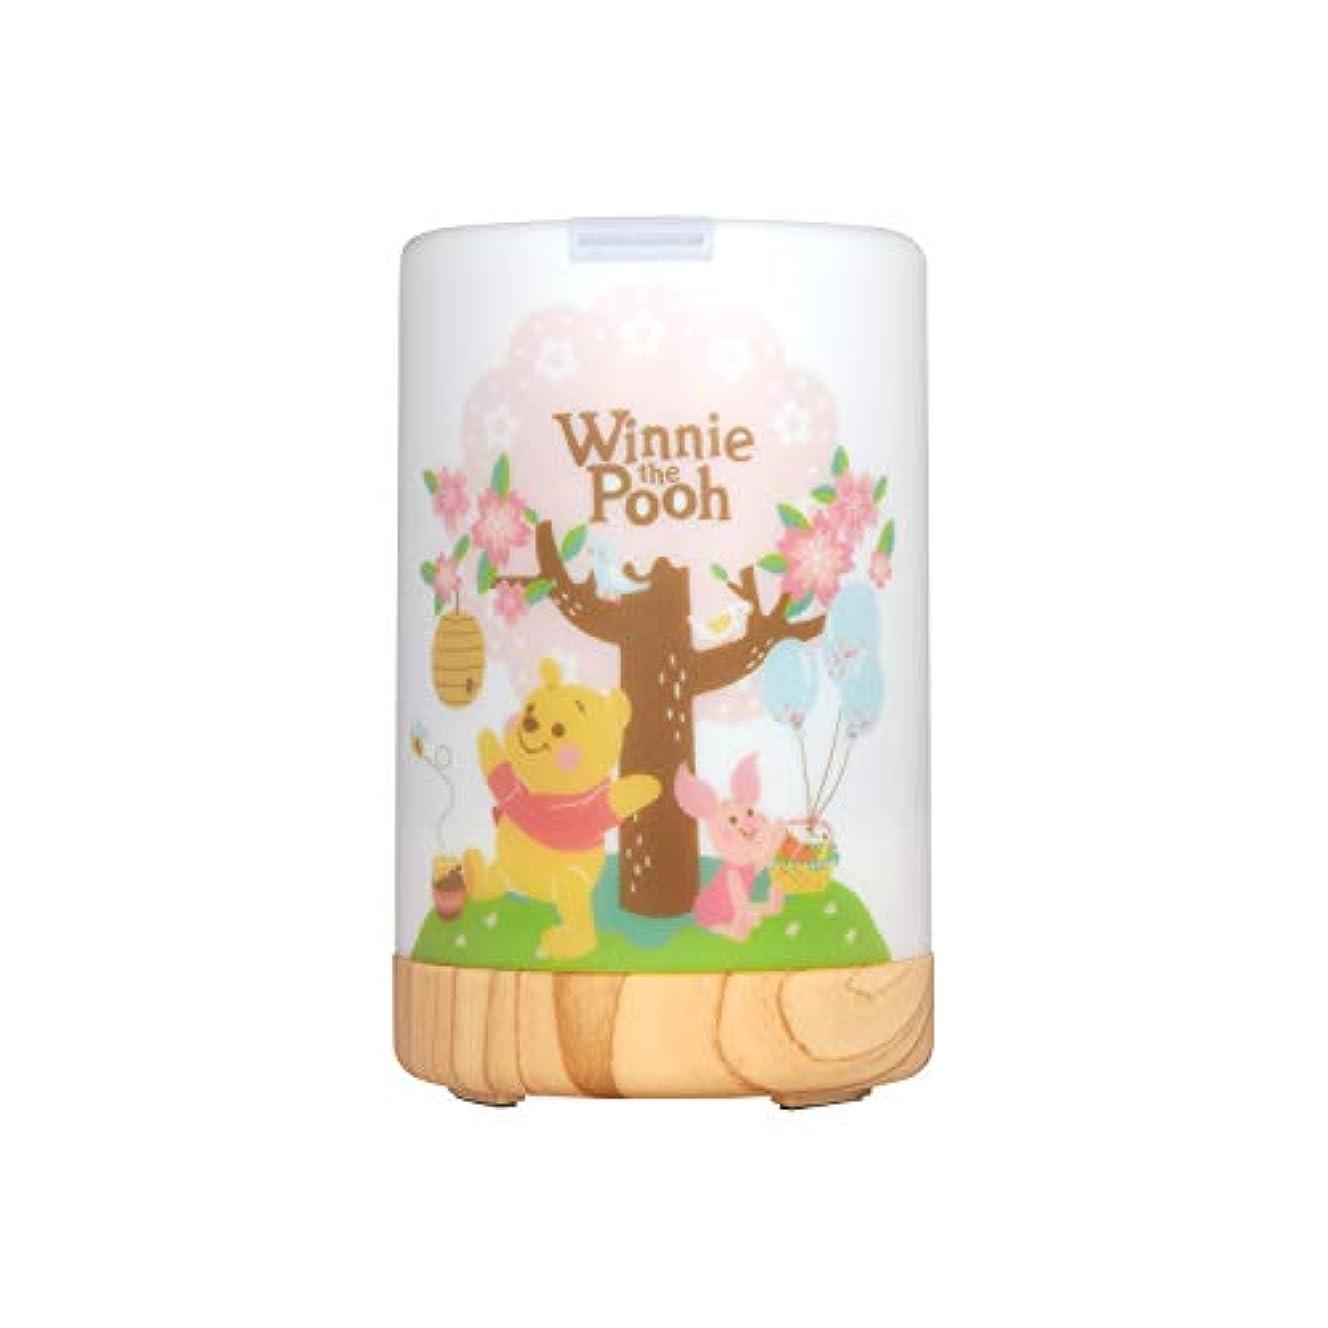 金銭的な平らな制限されたInfoThink アロマディフューザー Disney Winnie the Pooh 間接照明 くまのプーさん [並行輸入品]